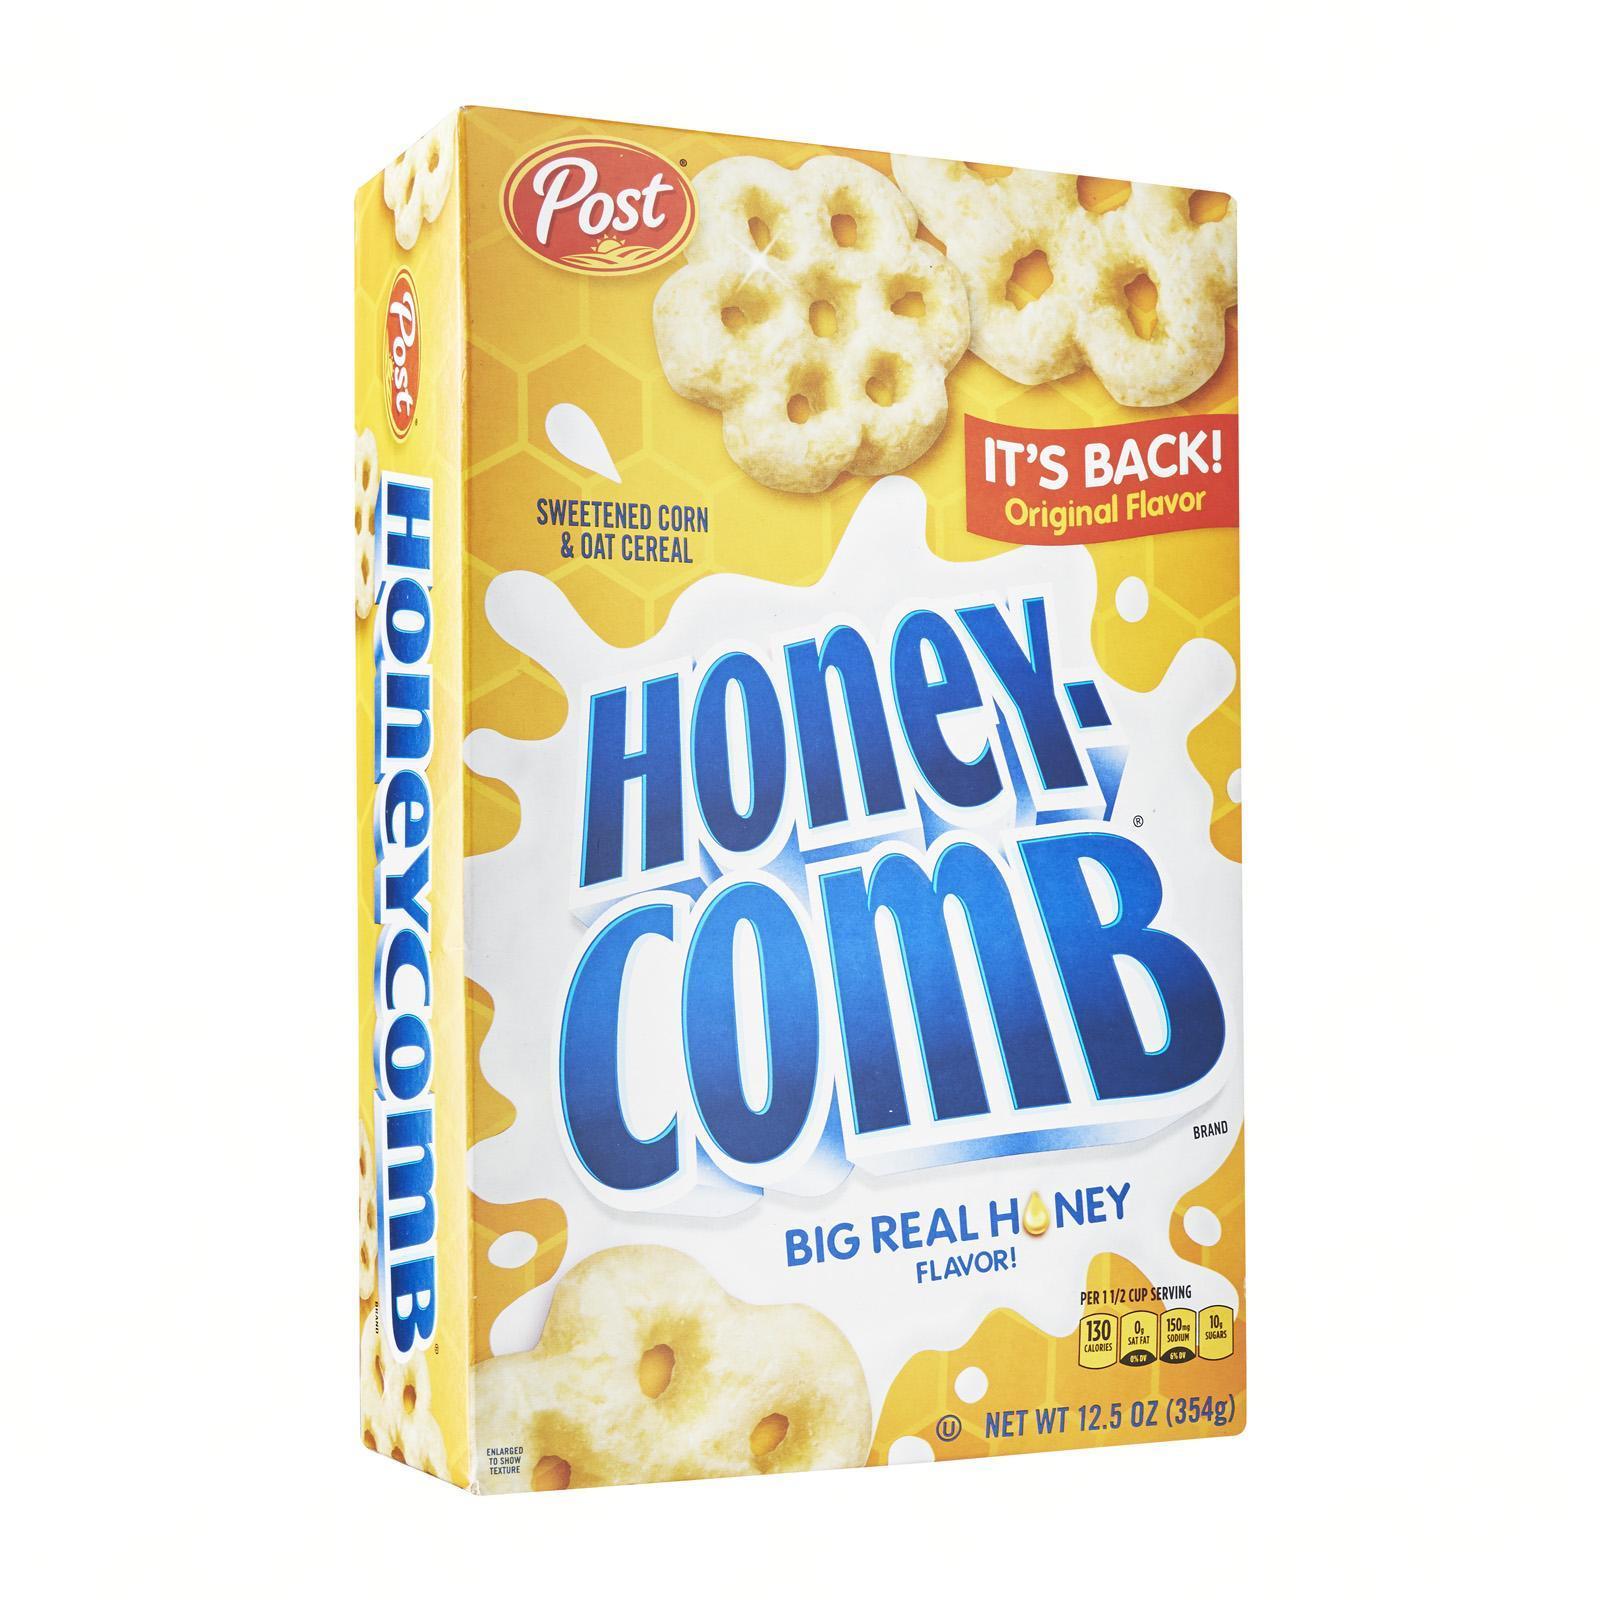 ST MICHEL Honey Comb Cereal 354g